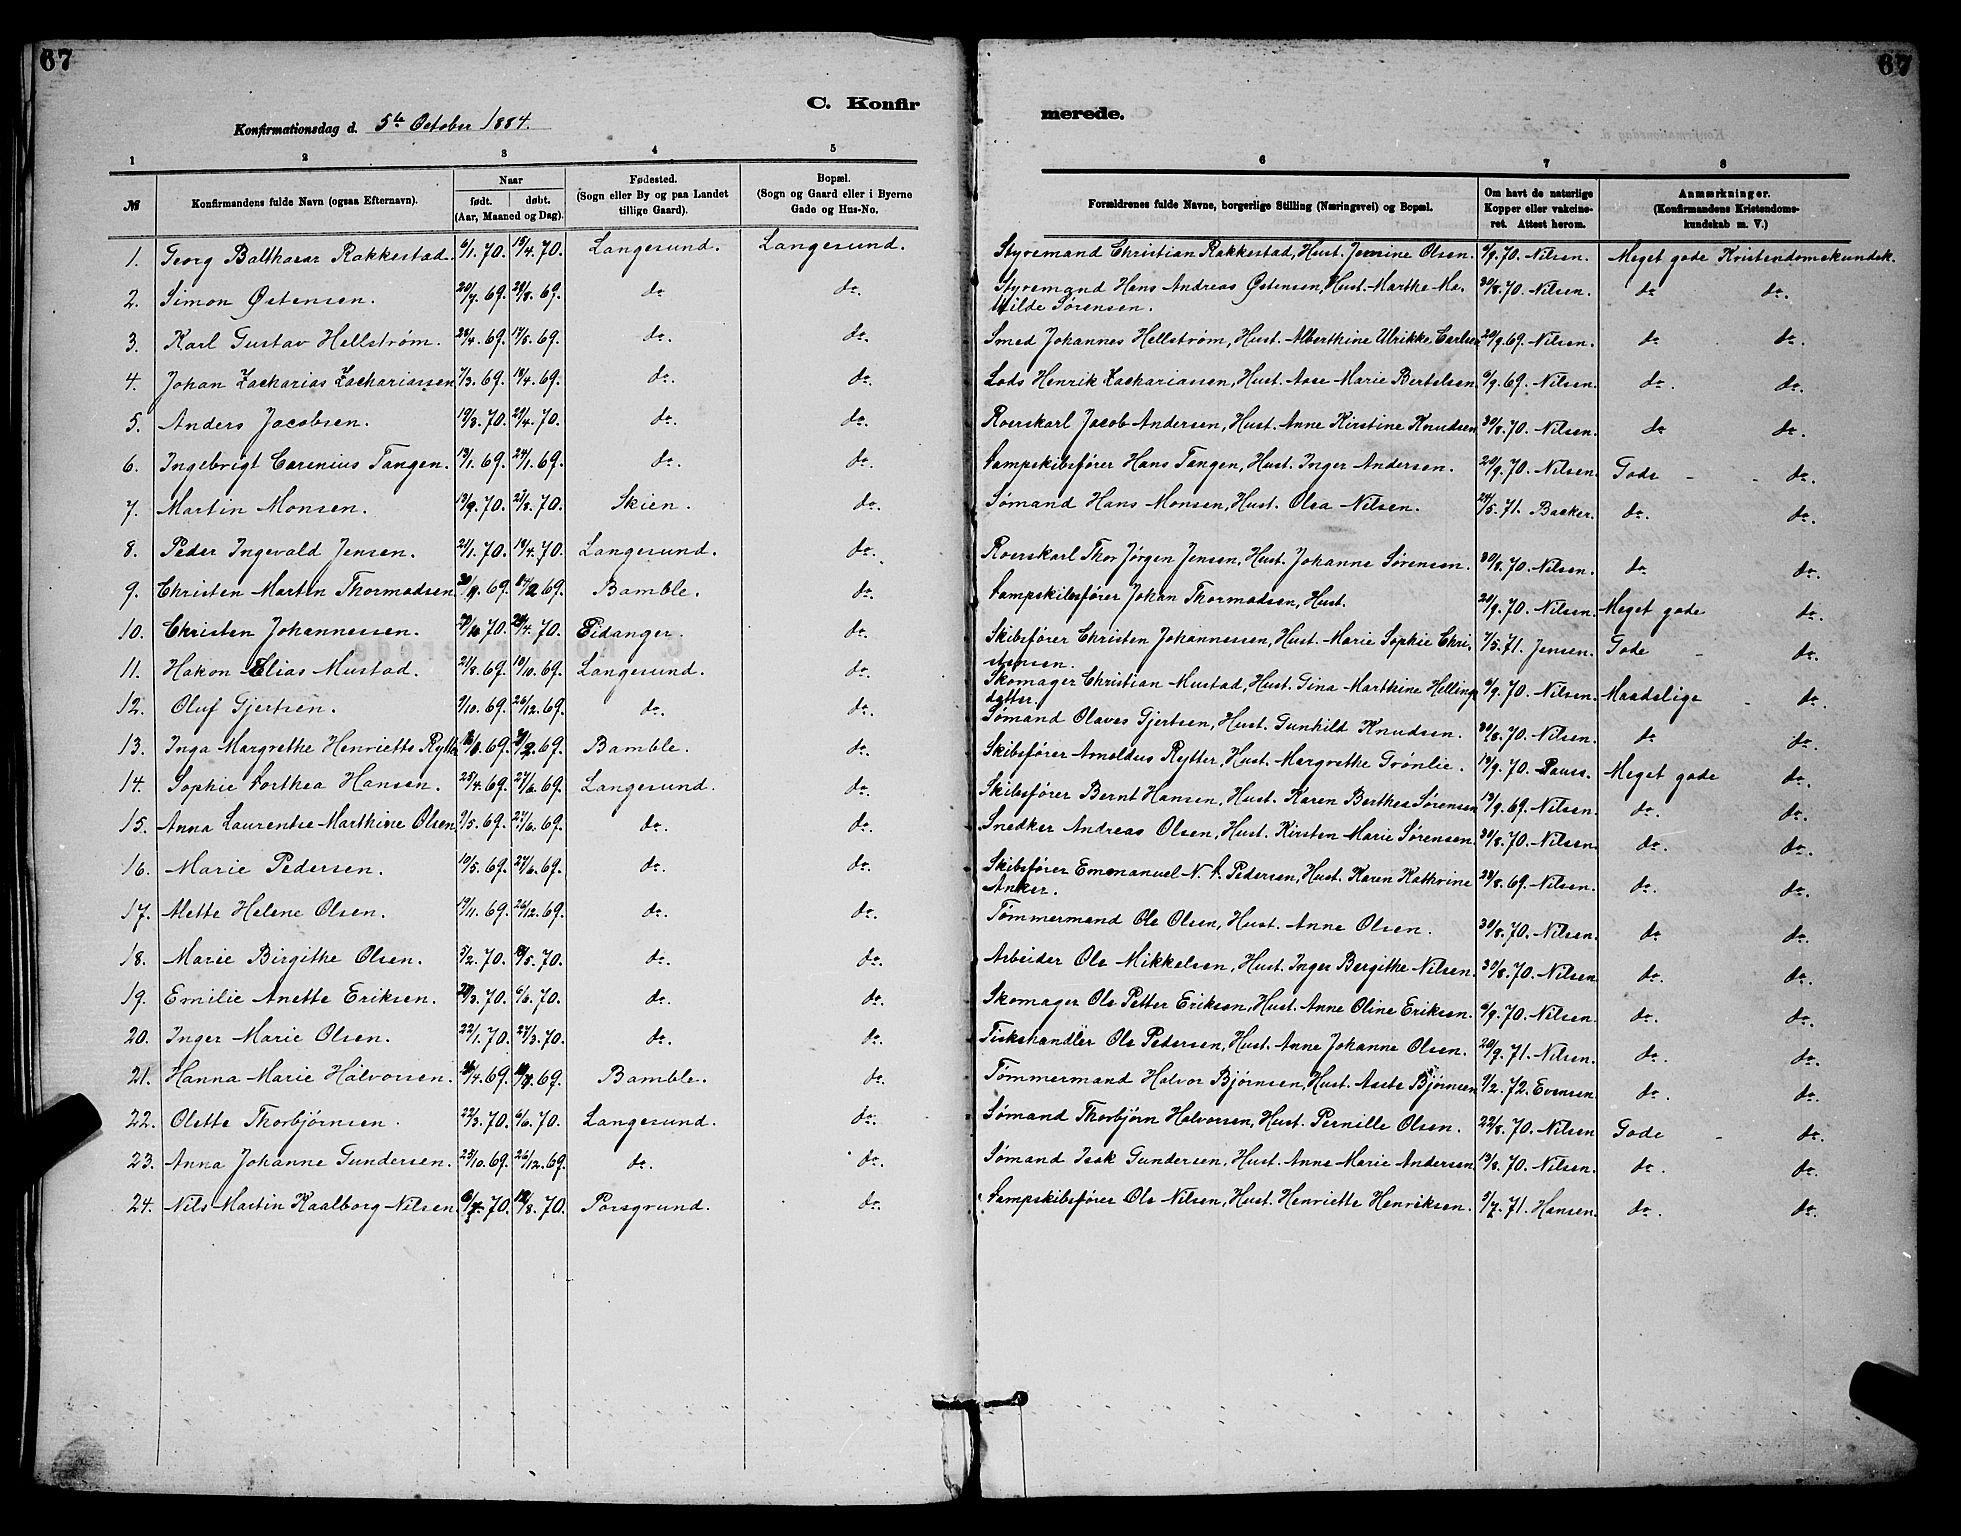 SAKO, Langesund kirkebøker, G/Ga/L0005: Klokkerbok nr. 5, 1884-1898, s. 67